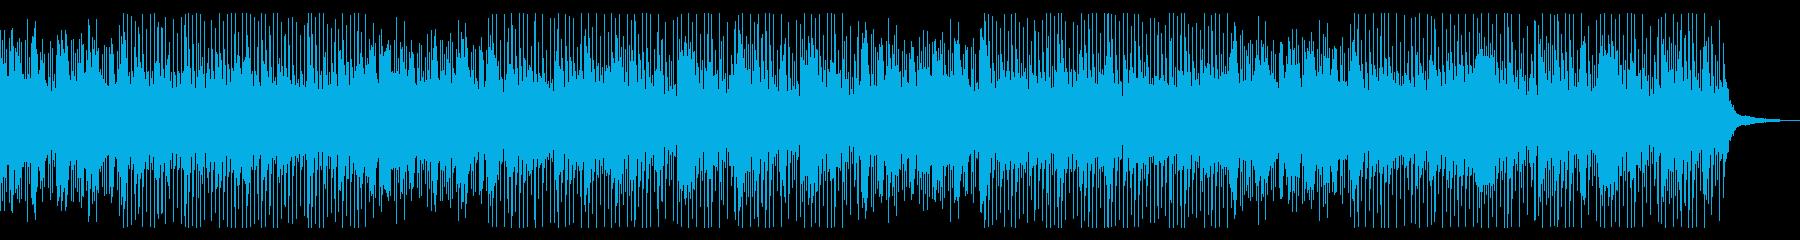 企業VP・CM ピアノ 明日から 輝きの再生済みの波形